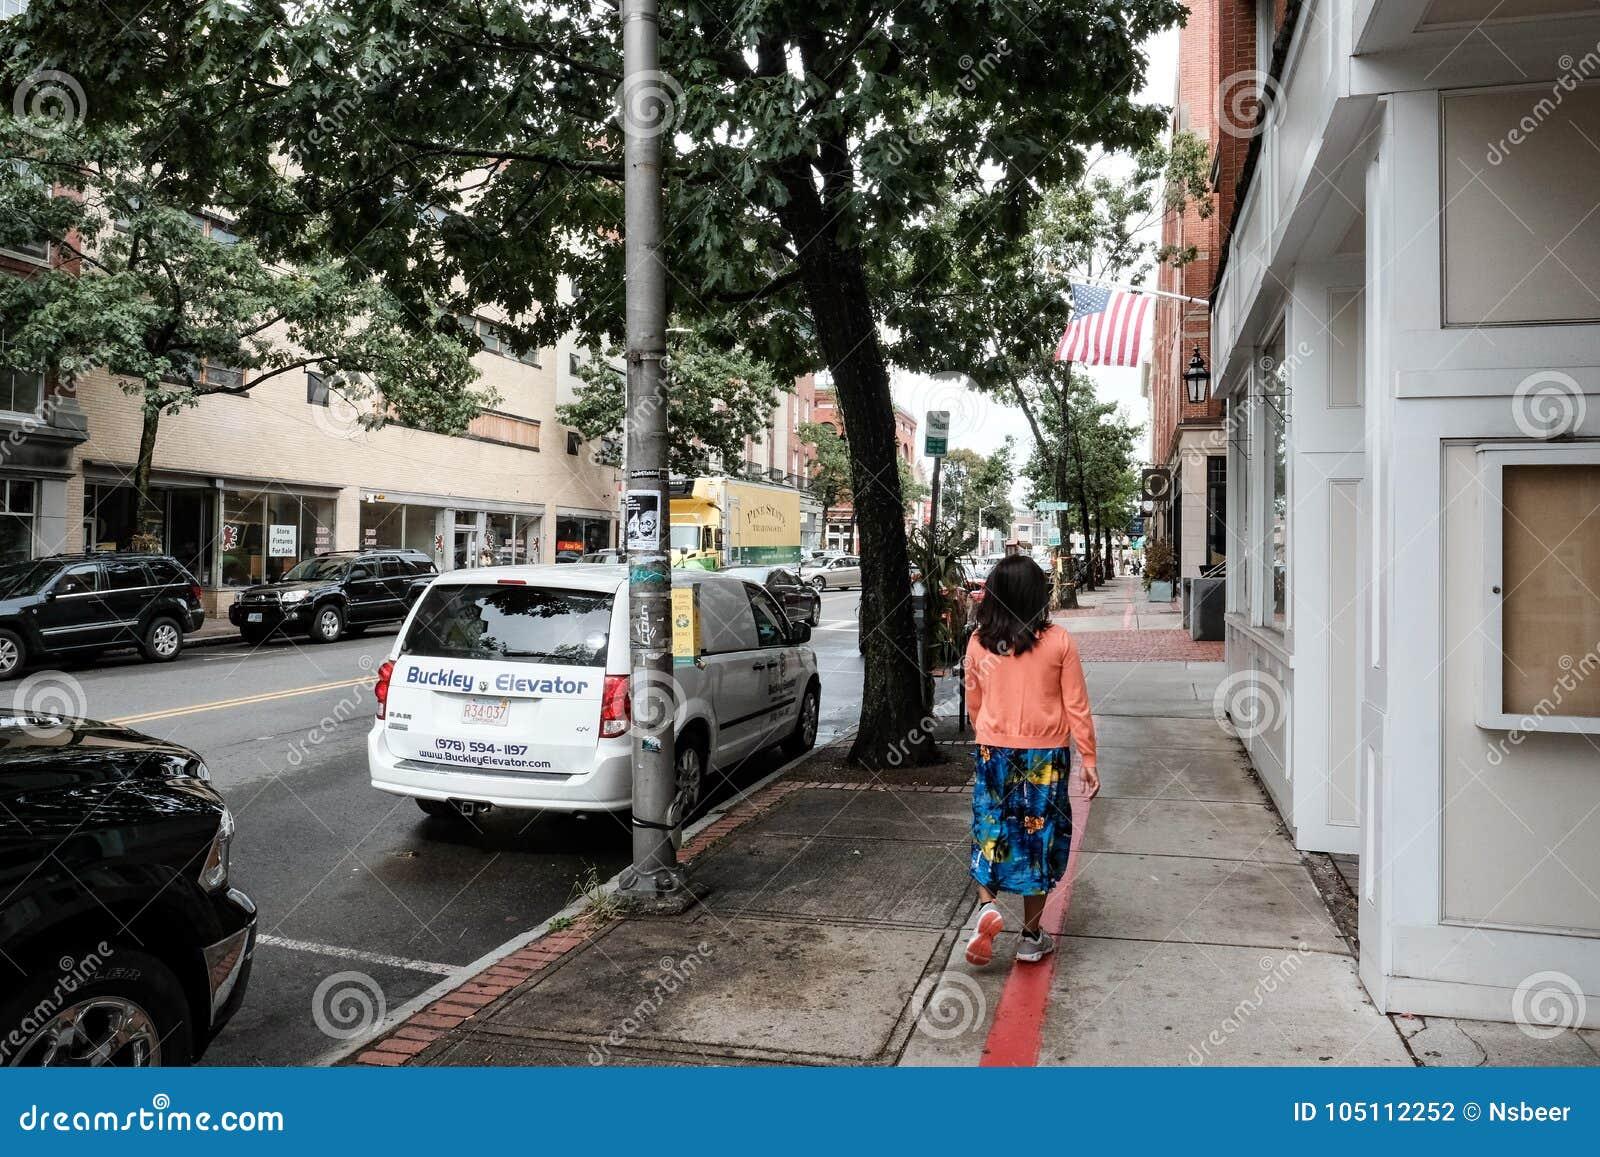 Mitglied von ihm Öffentlichkeit gesehenes Gehen hinunter eine Straße in einer Neu-England Stadt